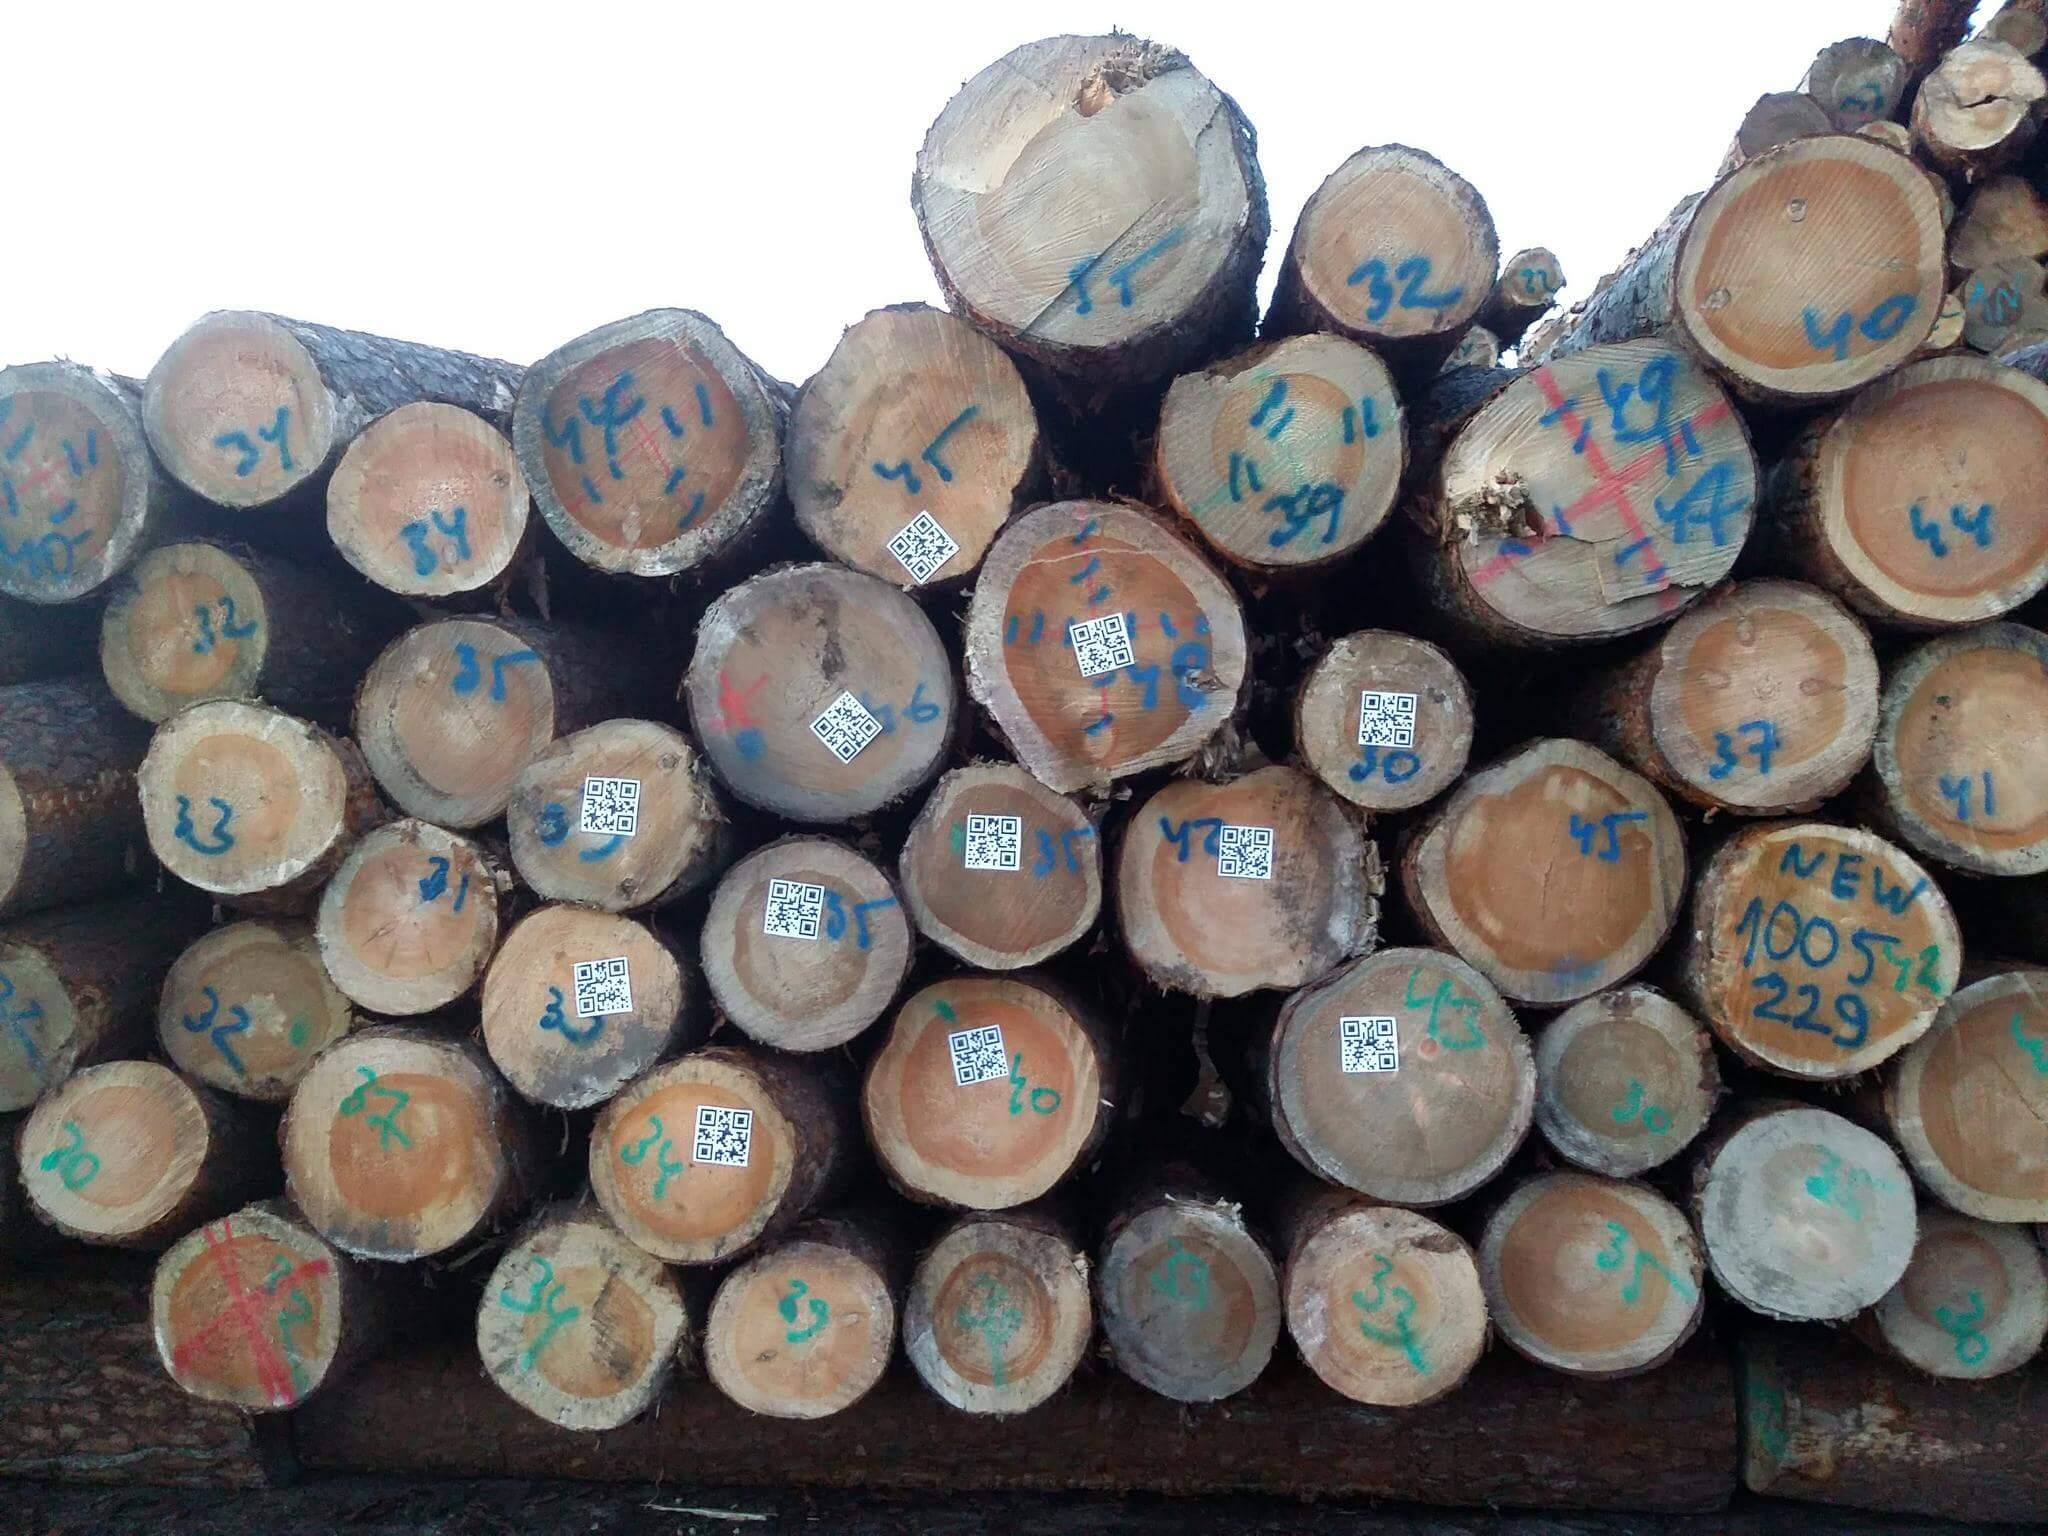 Timbeter erkennt jetzt nicht nur durchmesser sondern auch QR codes die perfekte losung fur alle die rundholz in containern exportieren!